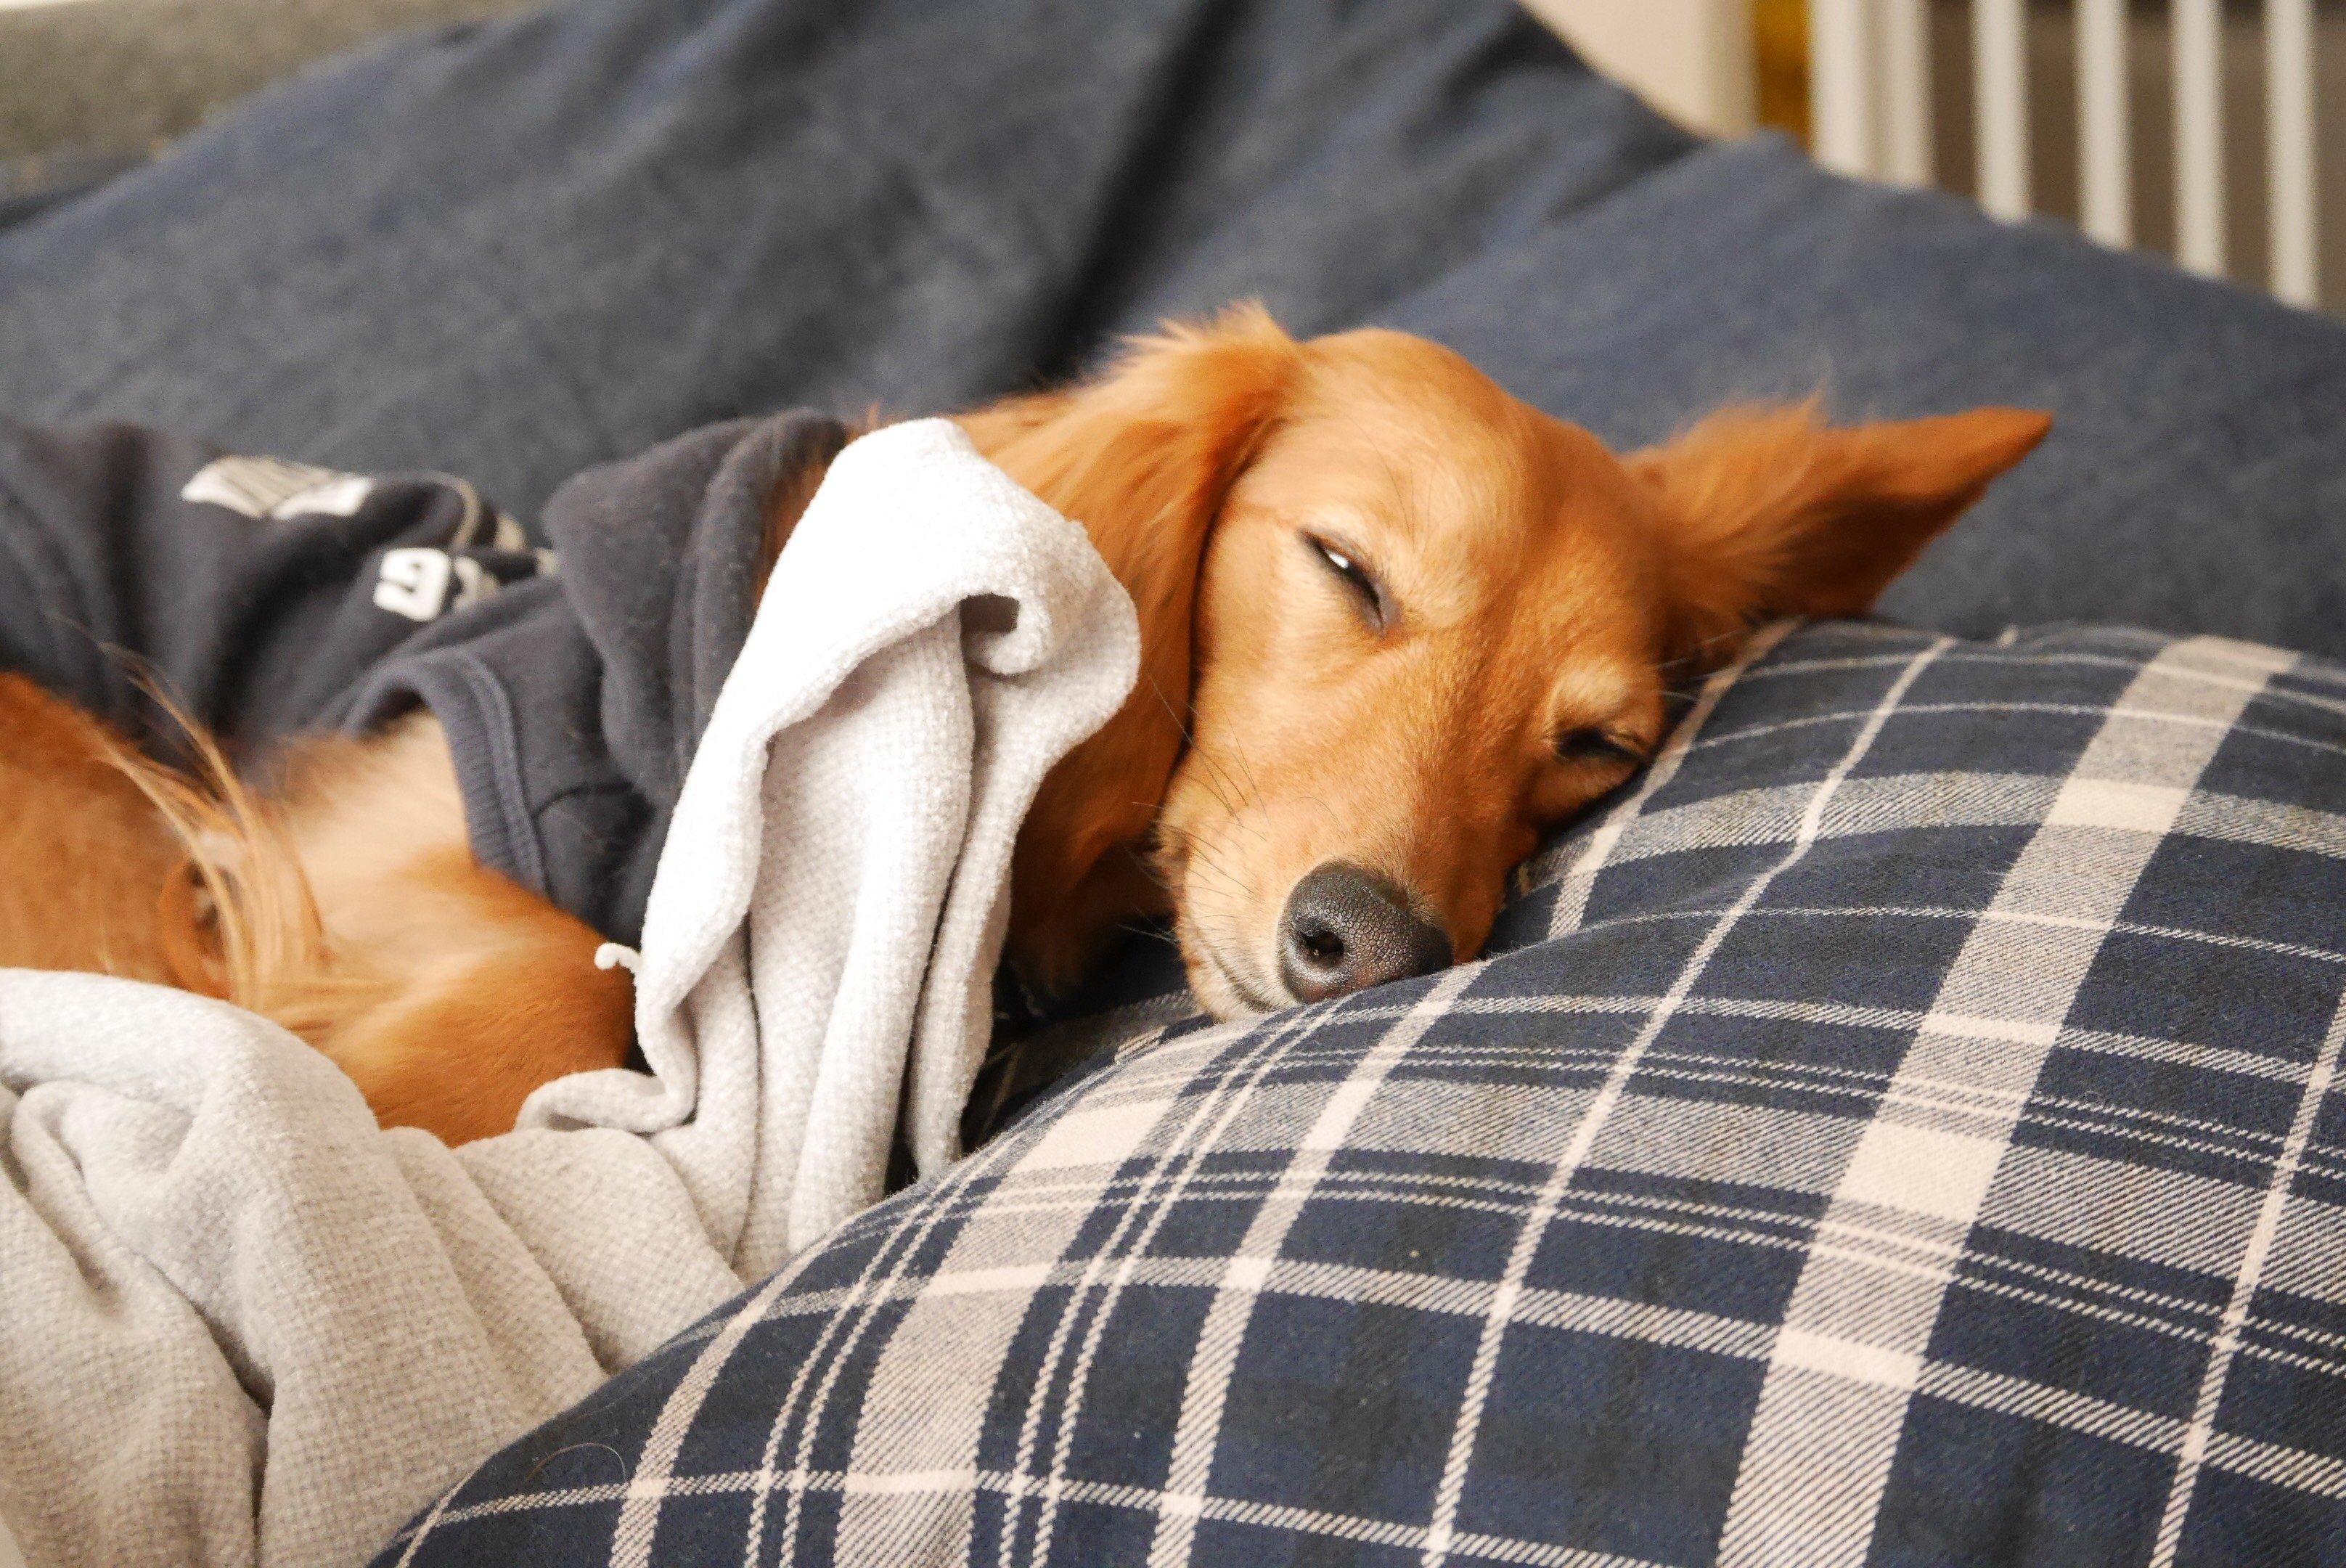 「ずっと寝ていると」の画像検索結果